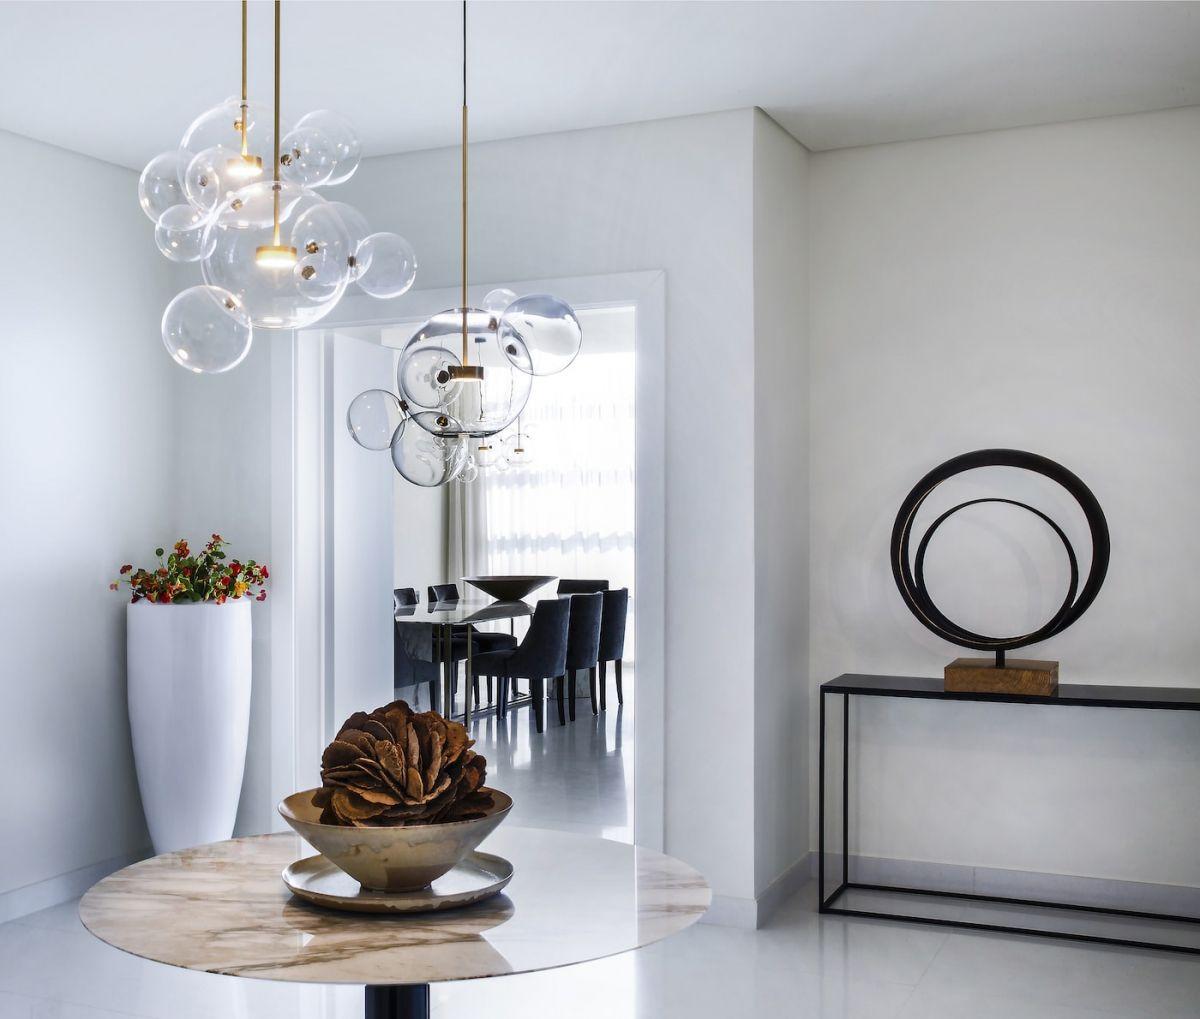 Caspaiou: Designing our Luxury Interior Design Dreams in Jumeirah luxury interior design Caspaiou: Designing our Luxury Interior Design Dreams in Jumeirah Caspaiou Designing our Modern Interior Design Dreams in Jumeirah 2